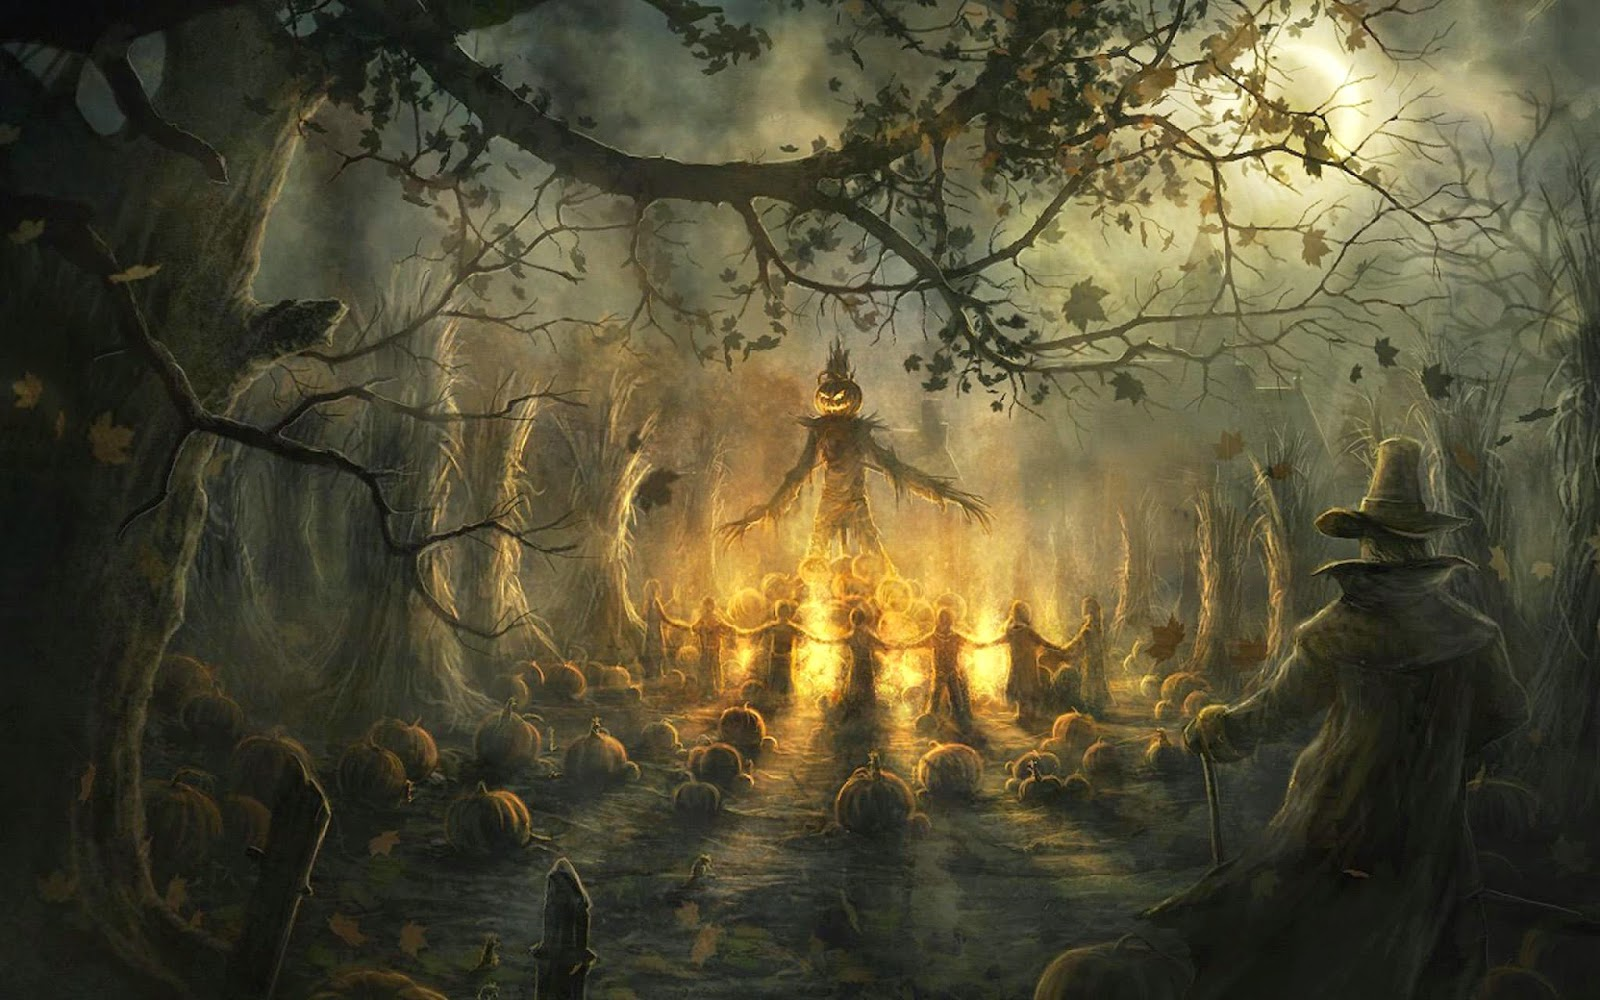 Halloween-Wallpaper-